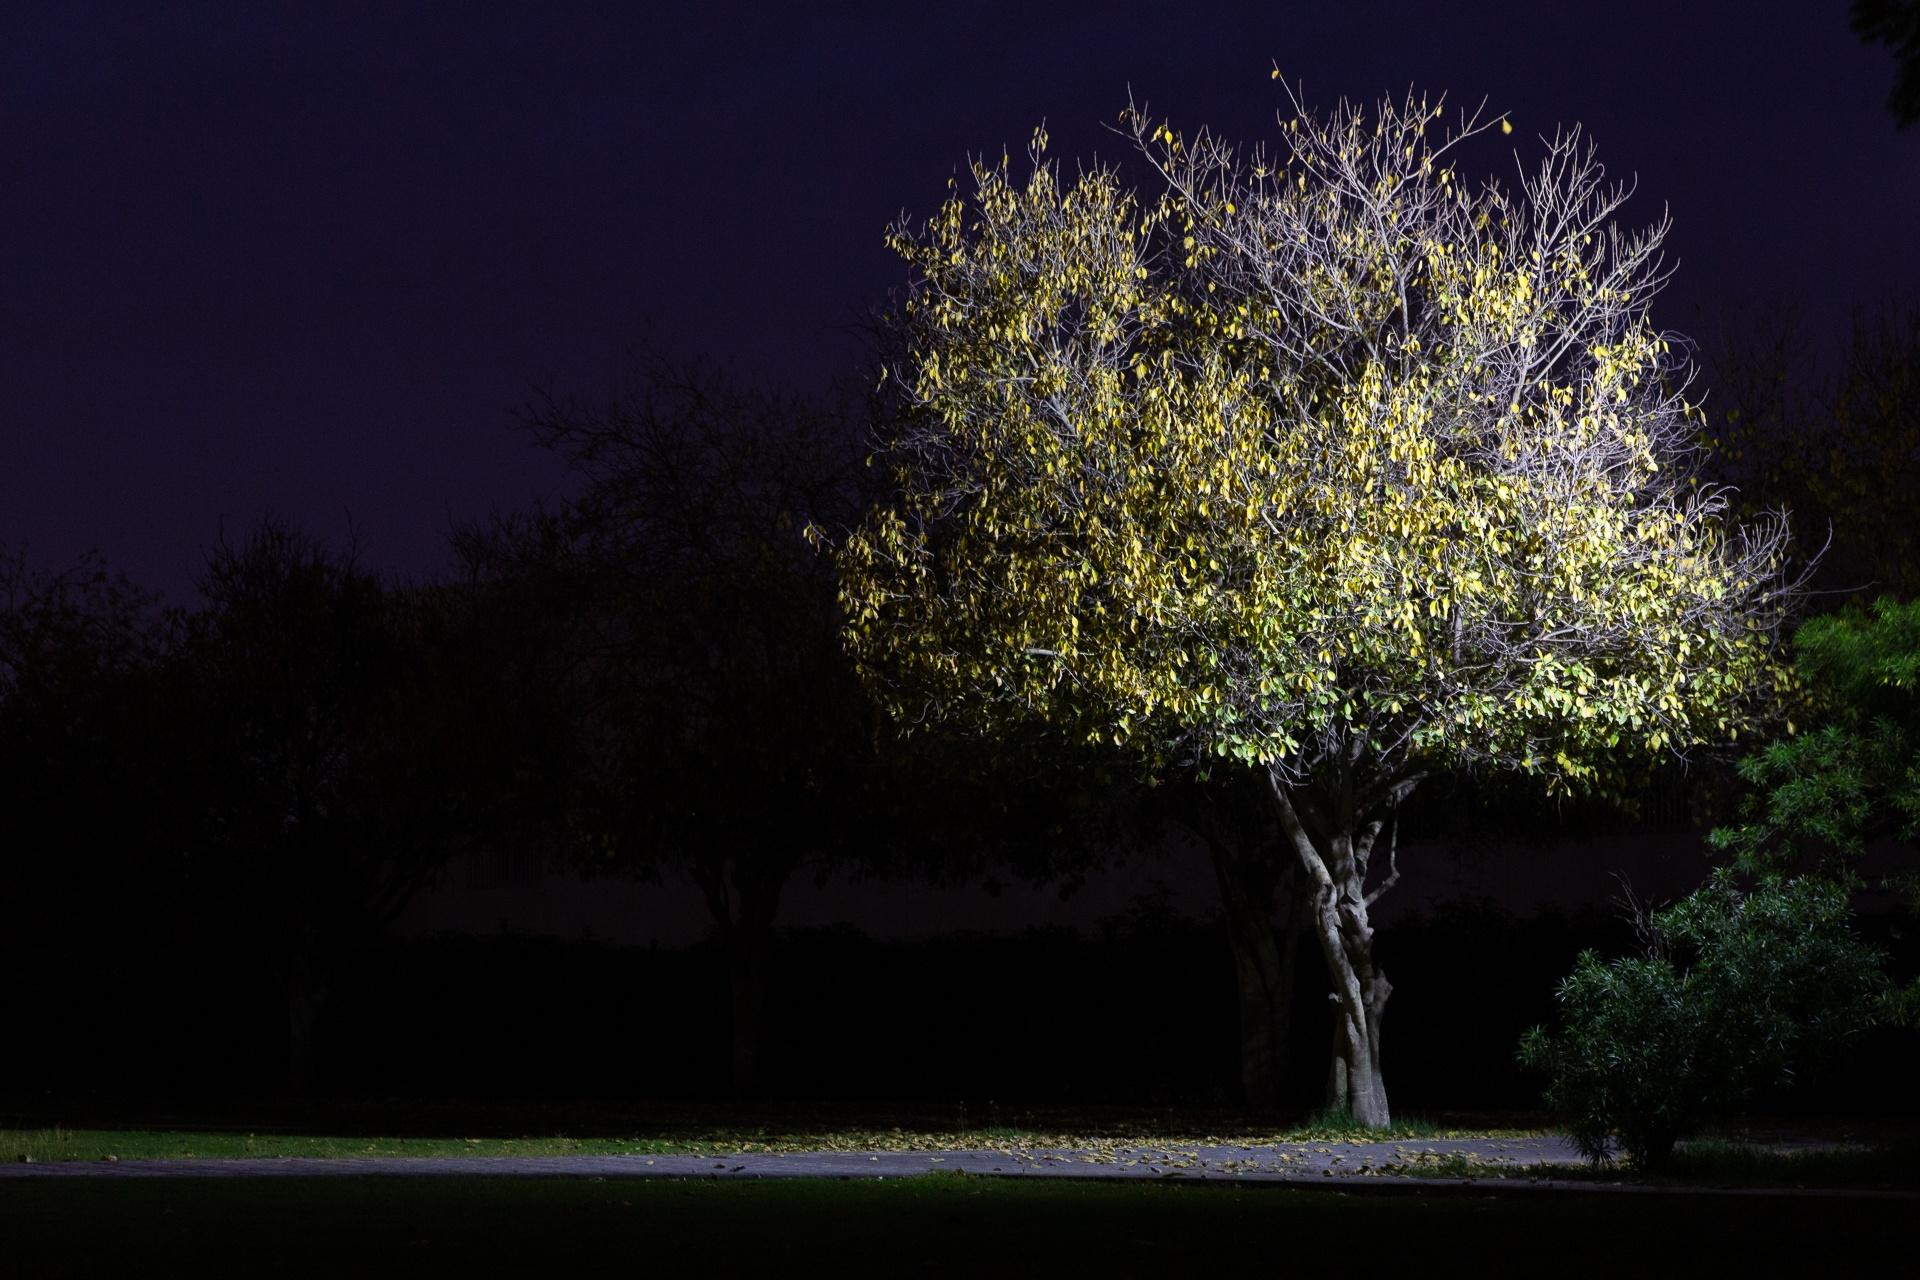 Lone lit tree